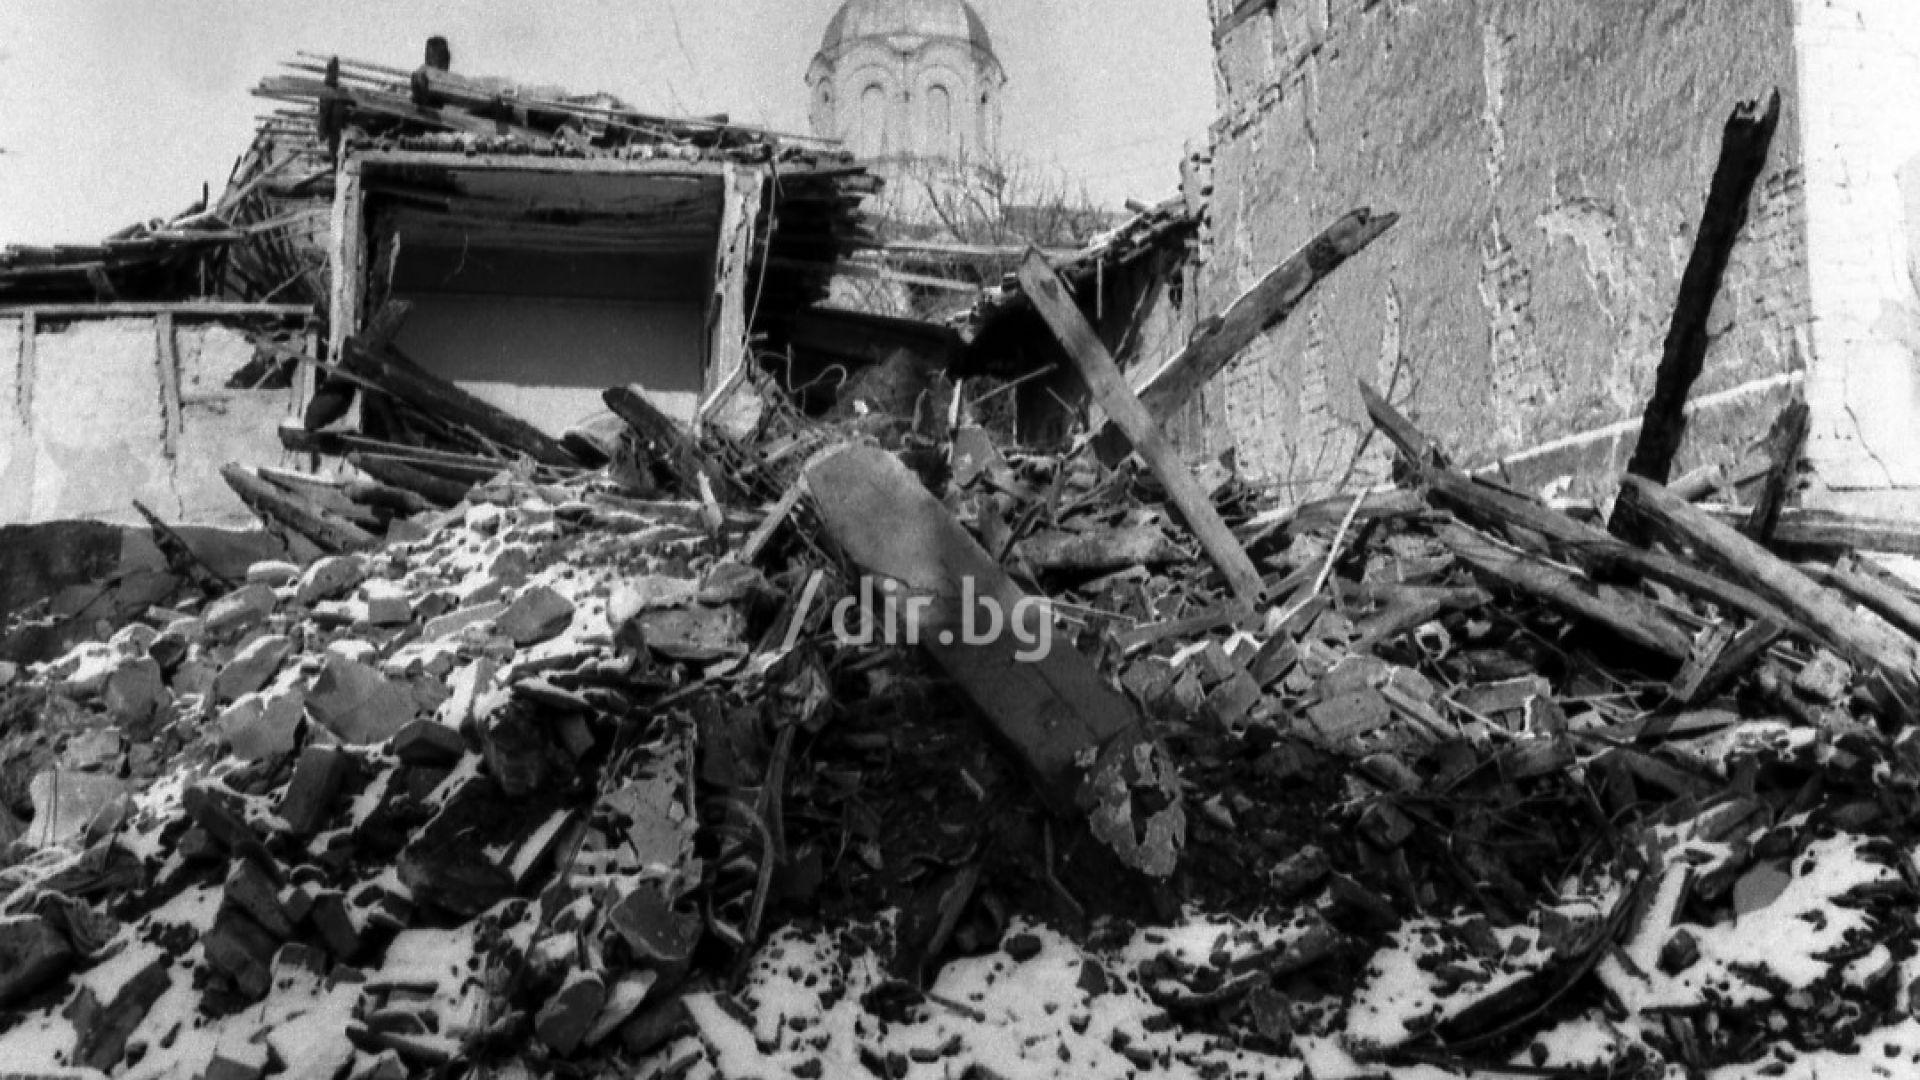 47 души загинаха по ужасяващ начин - затрупани под разрушените